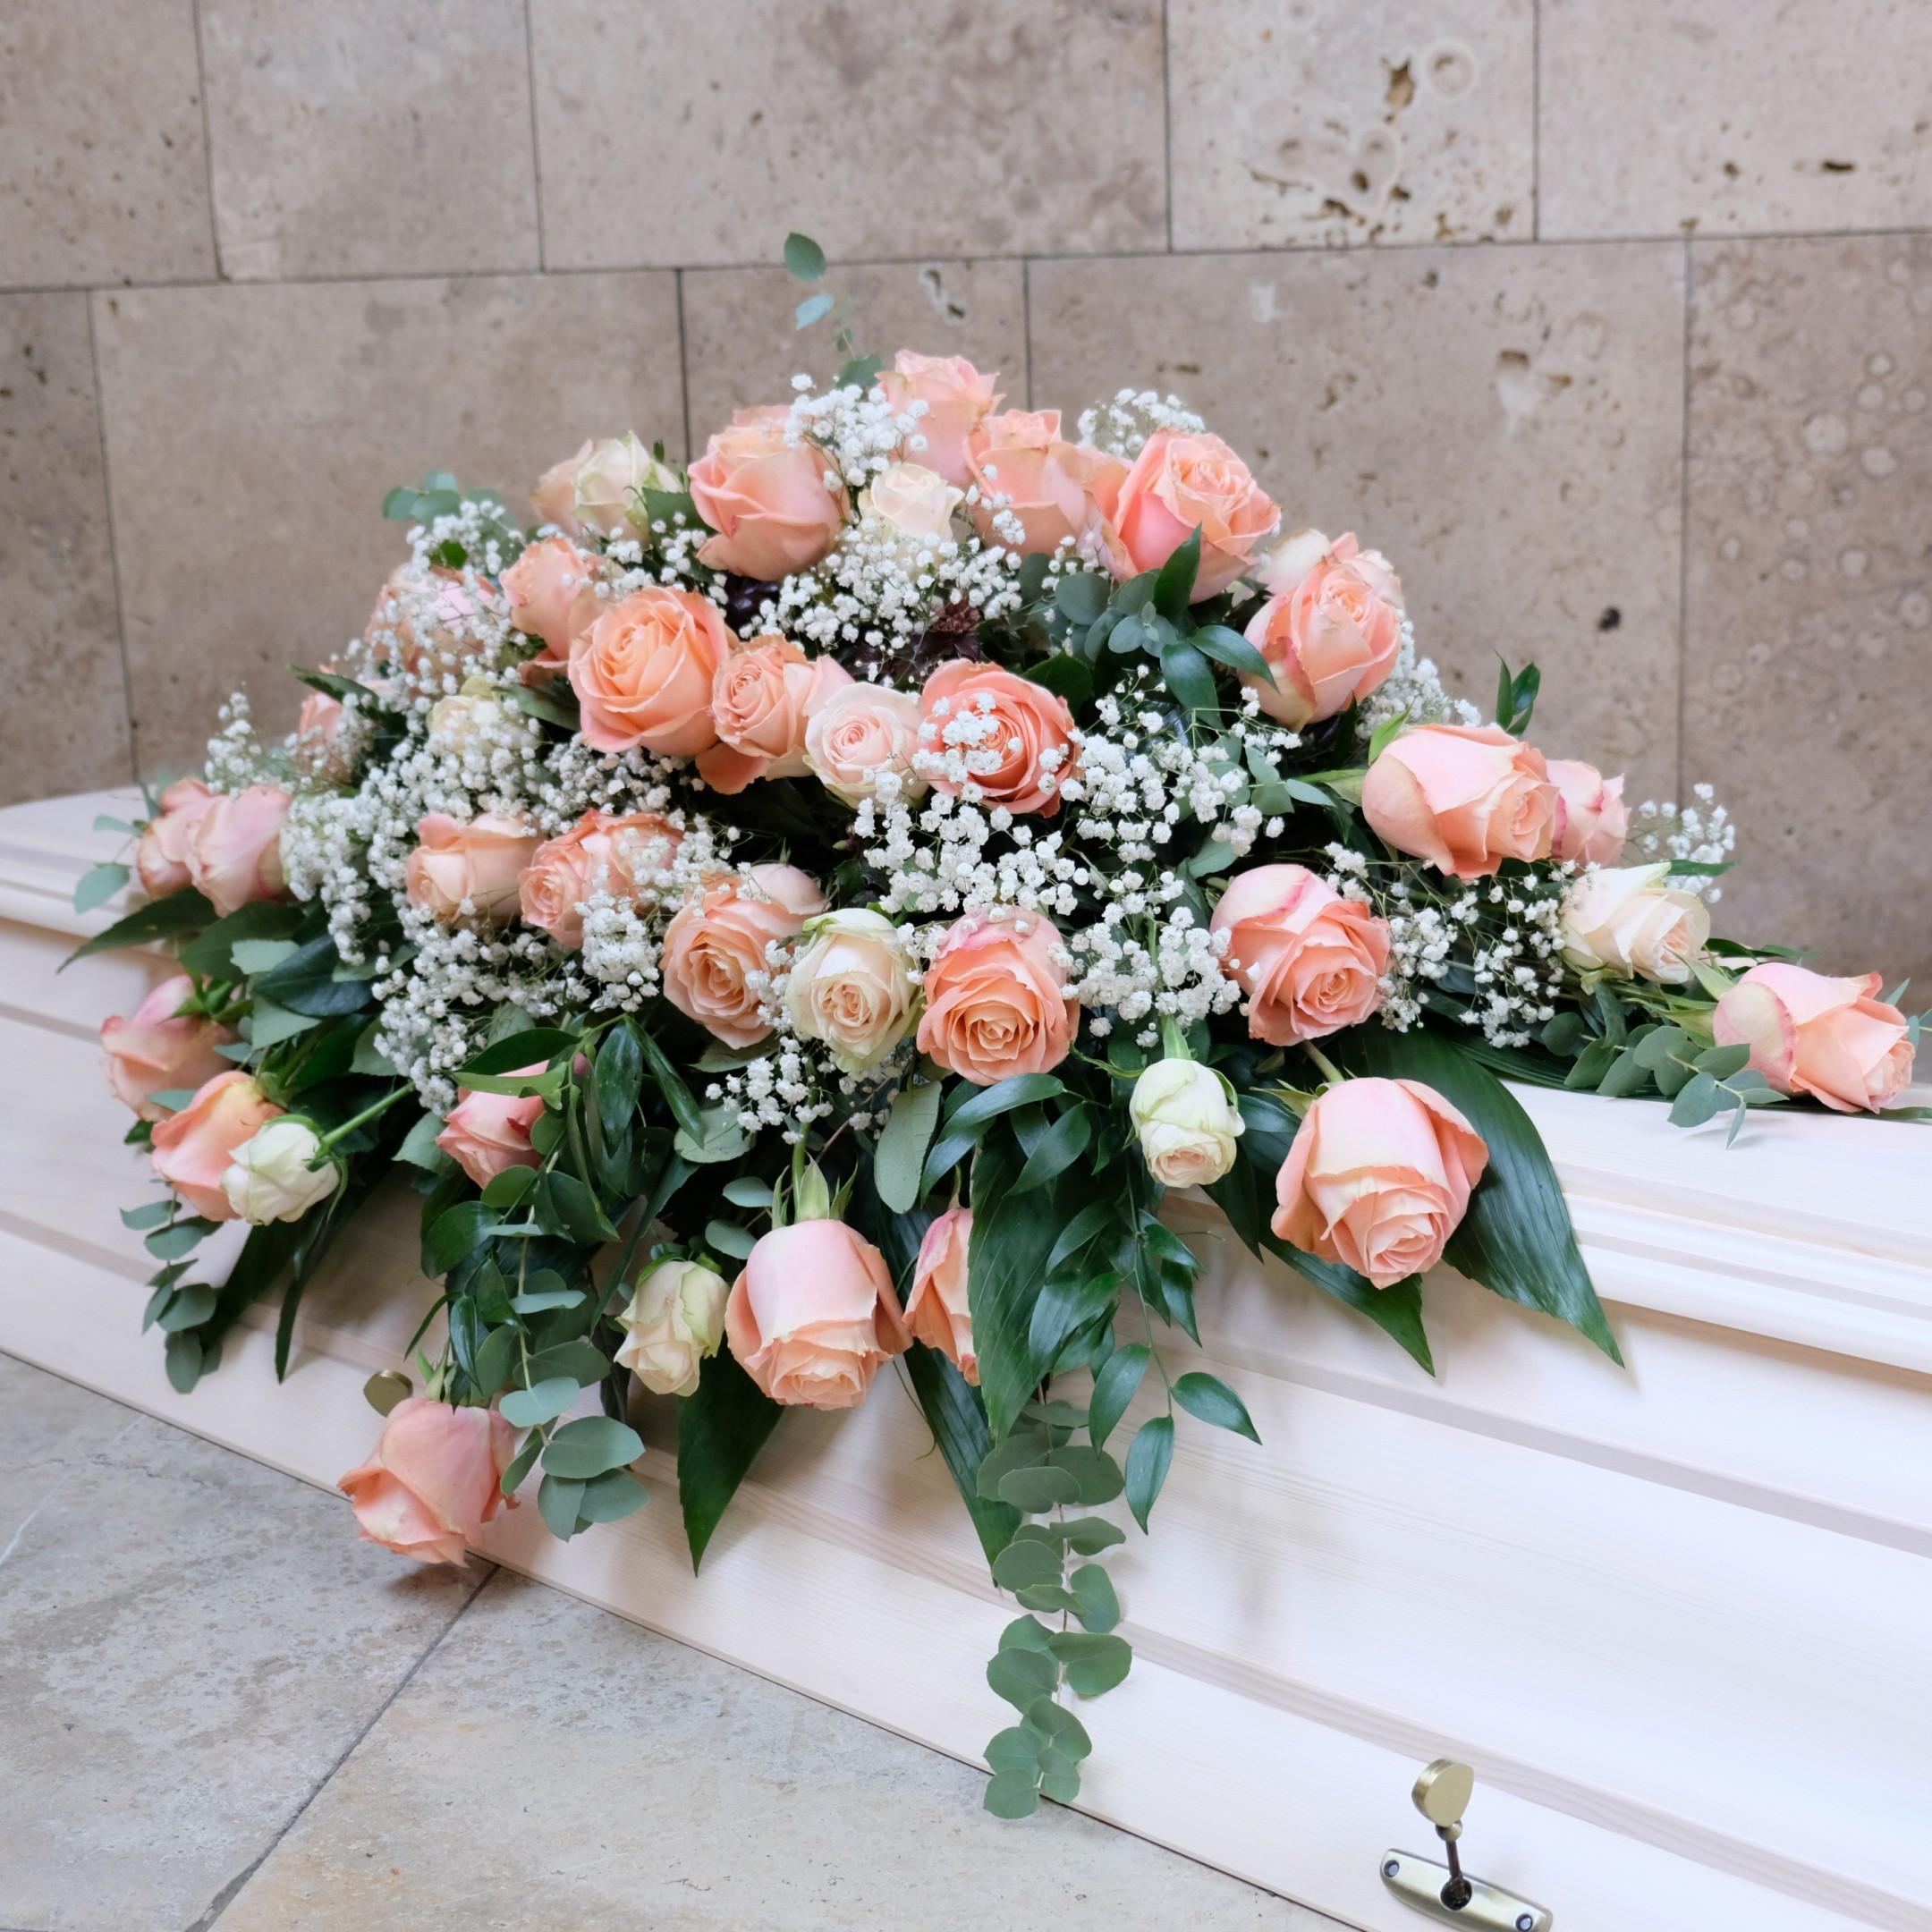 Sargbukett in rosa/weiß Bild 1